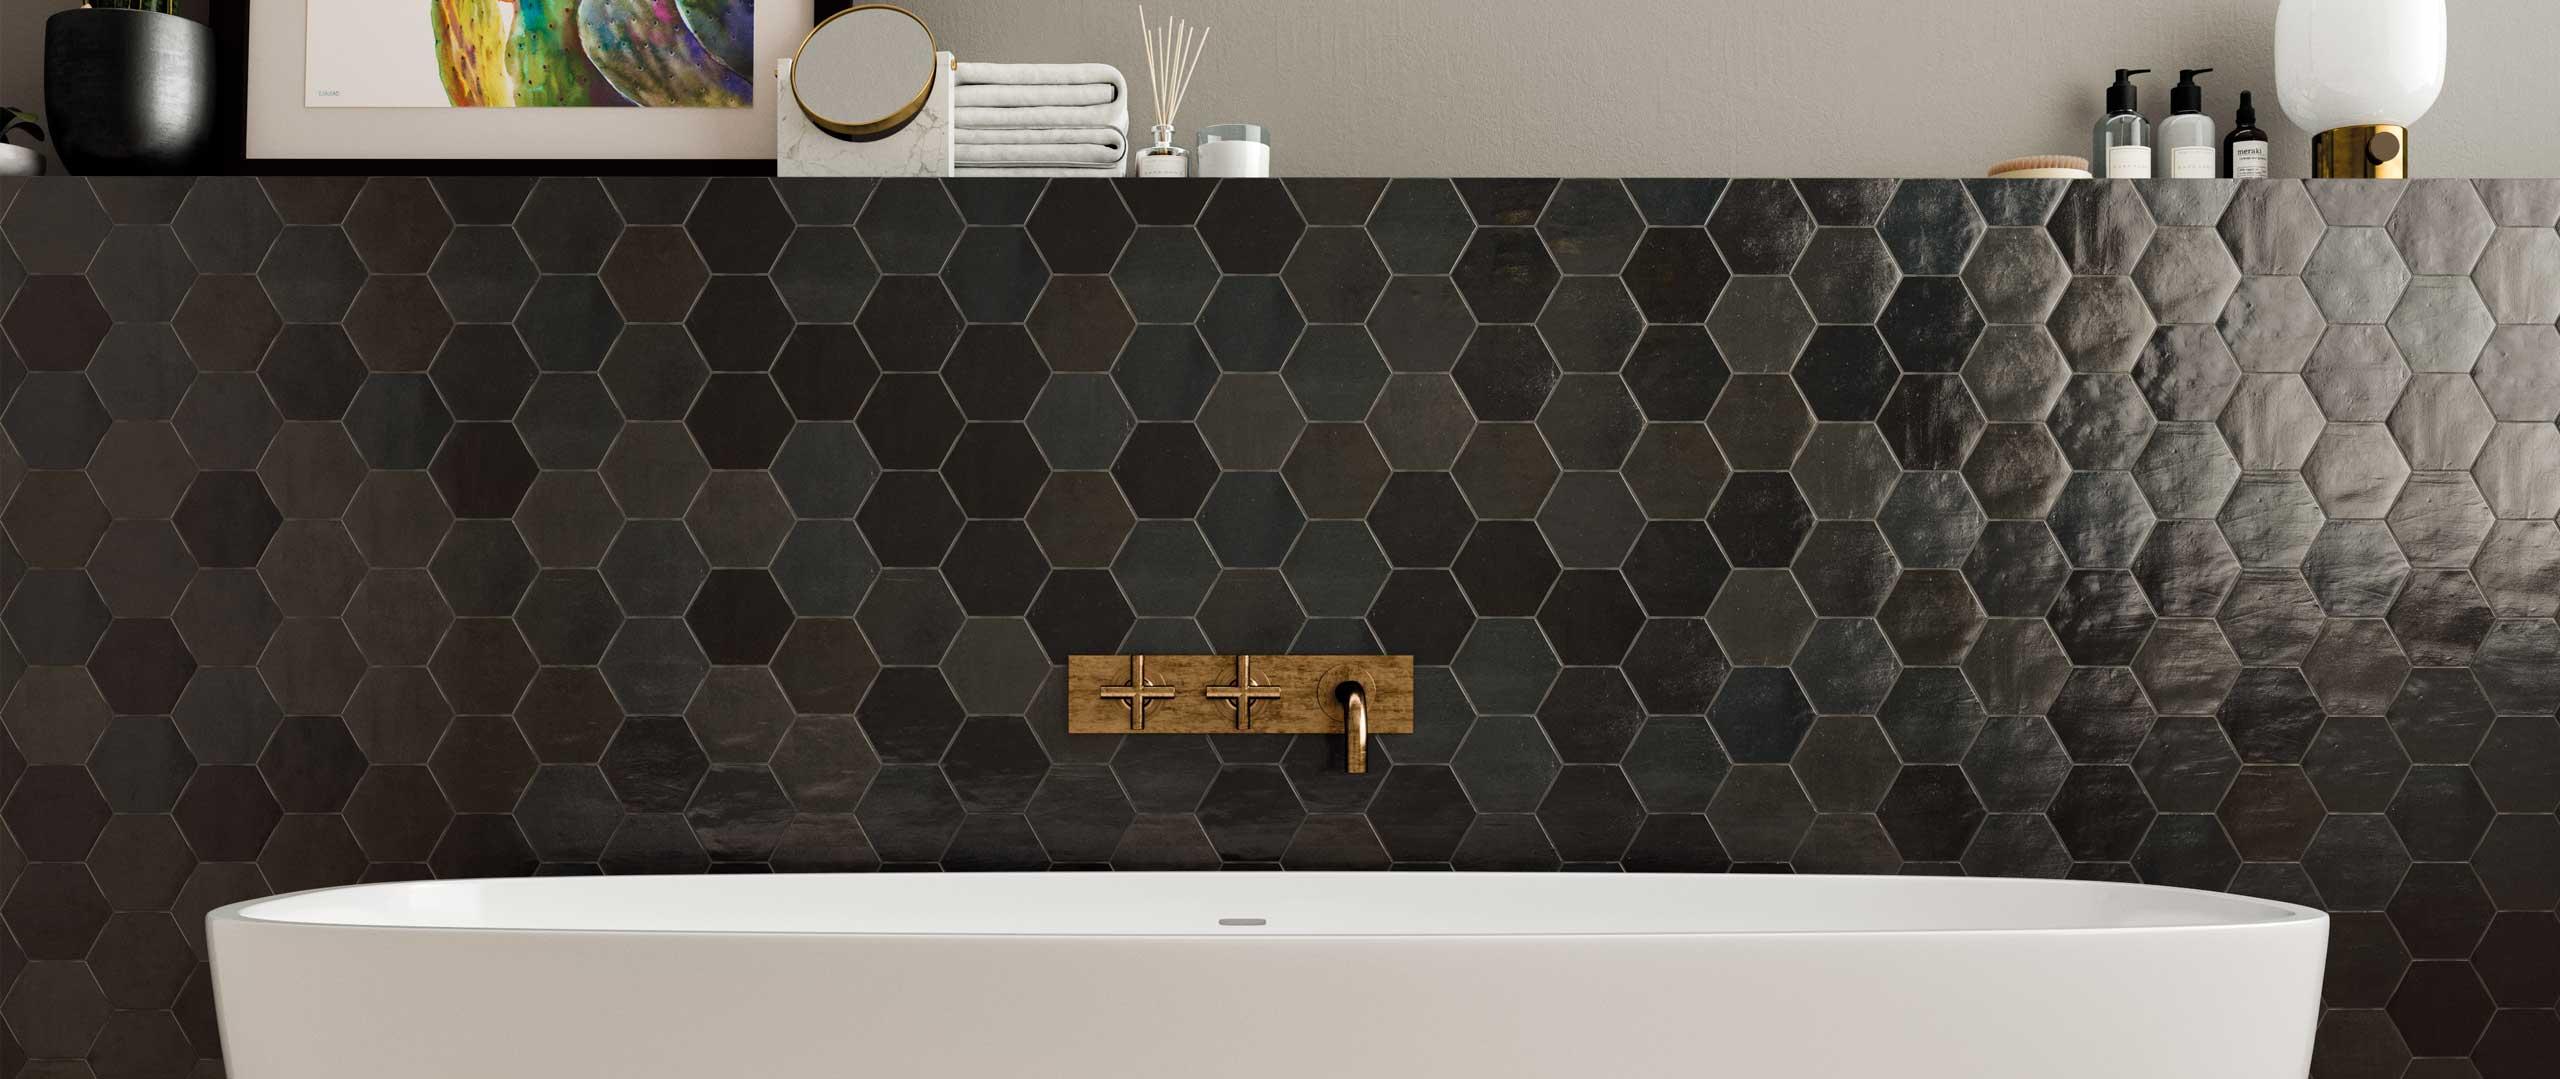 Płytki marki Wow Design są dostępne w showroomach z Grupy Internity Home